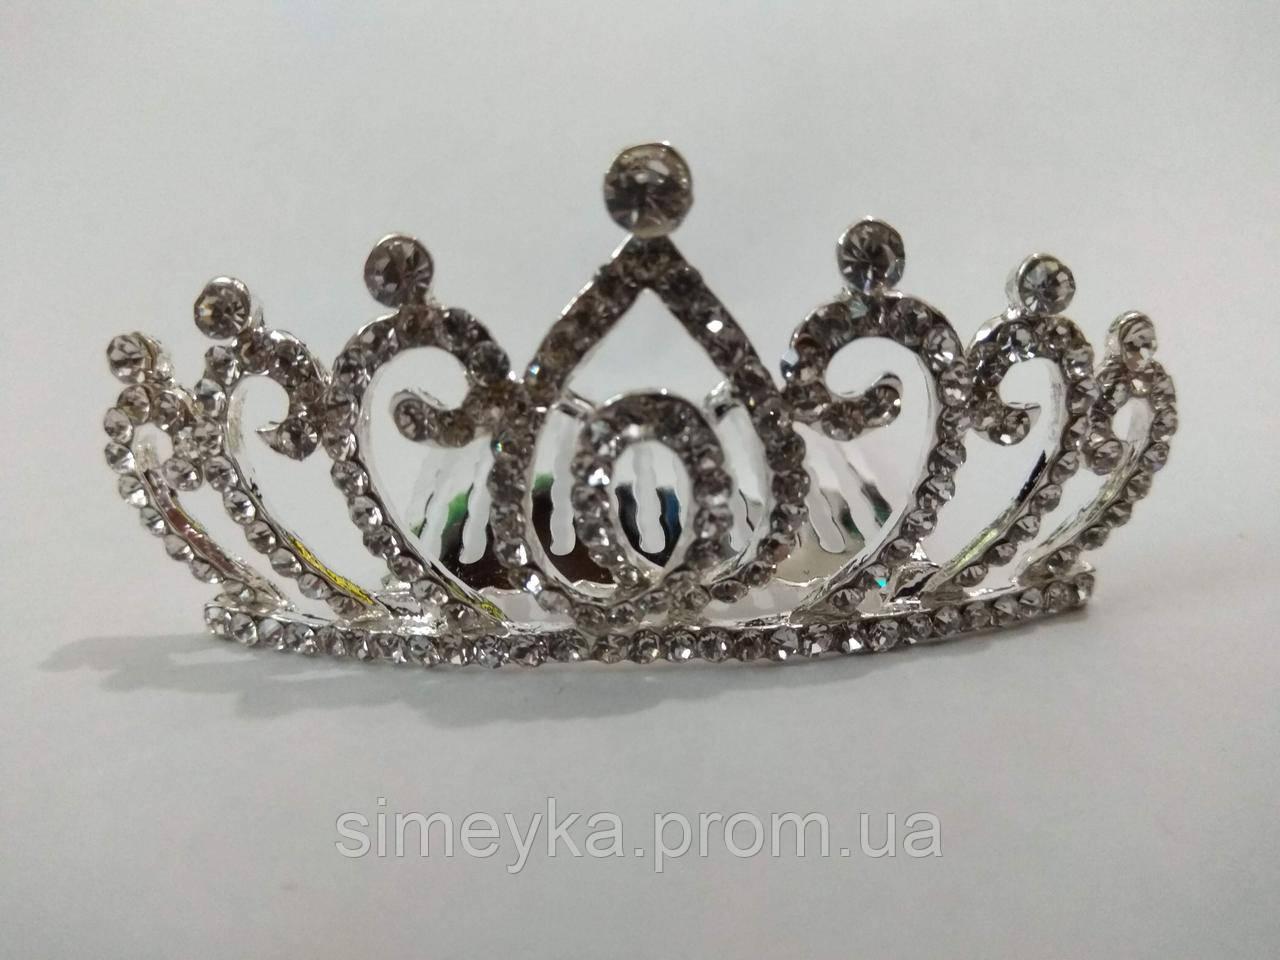 Діадема (корона, тіара) на гребінці, довжина 7 см, висота 3,2 см